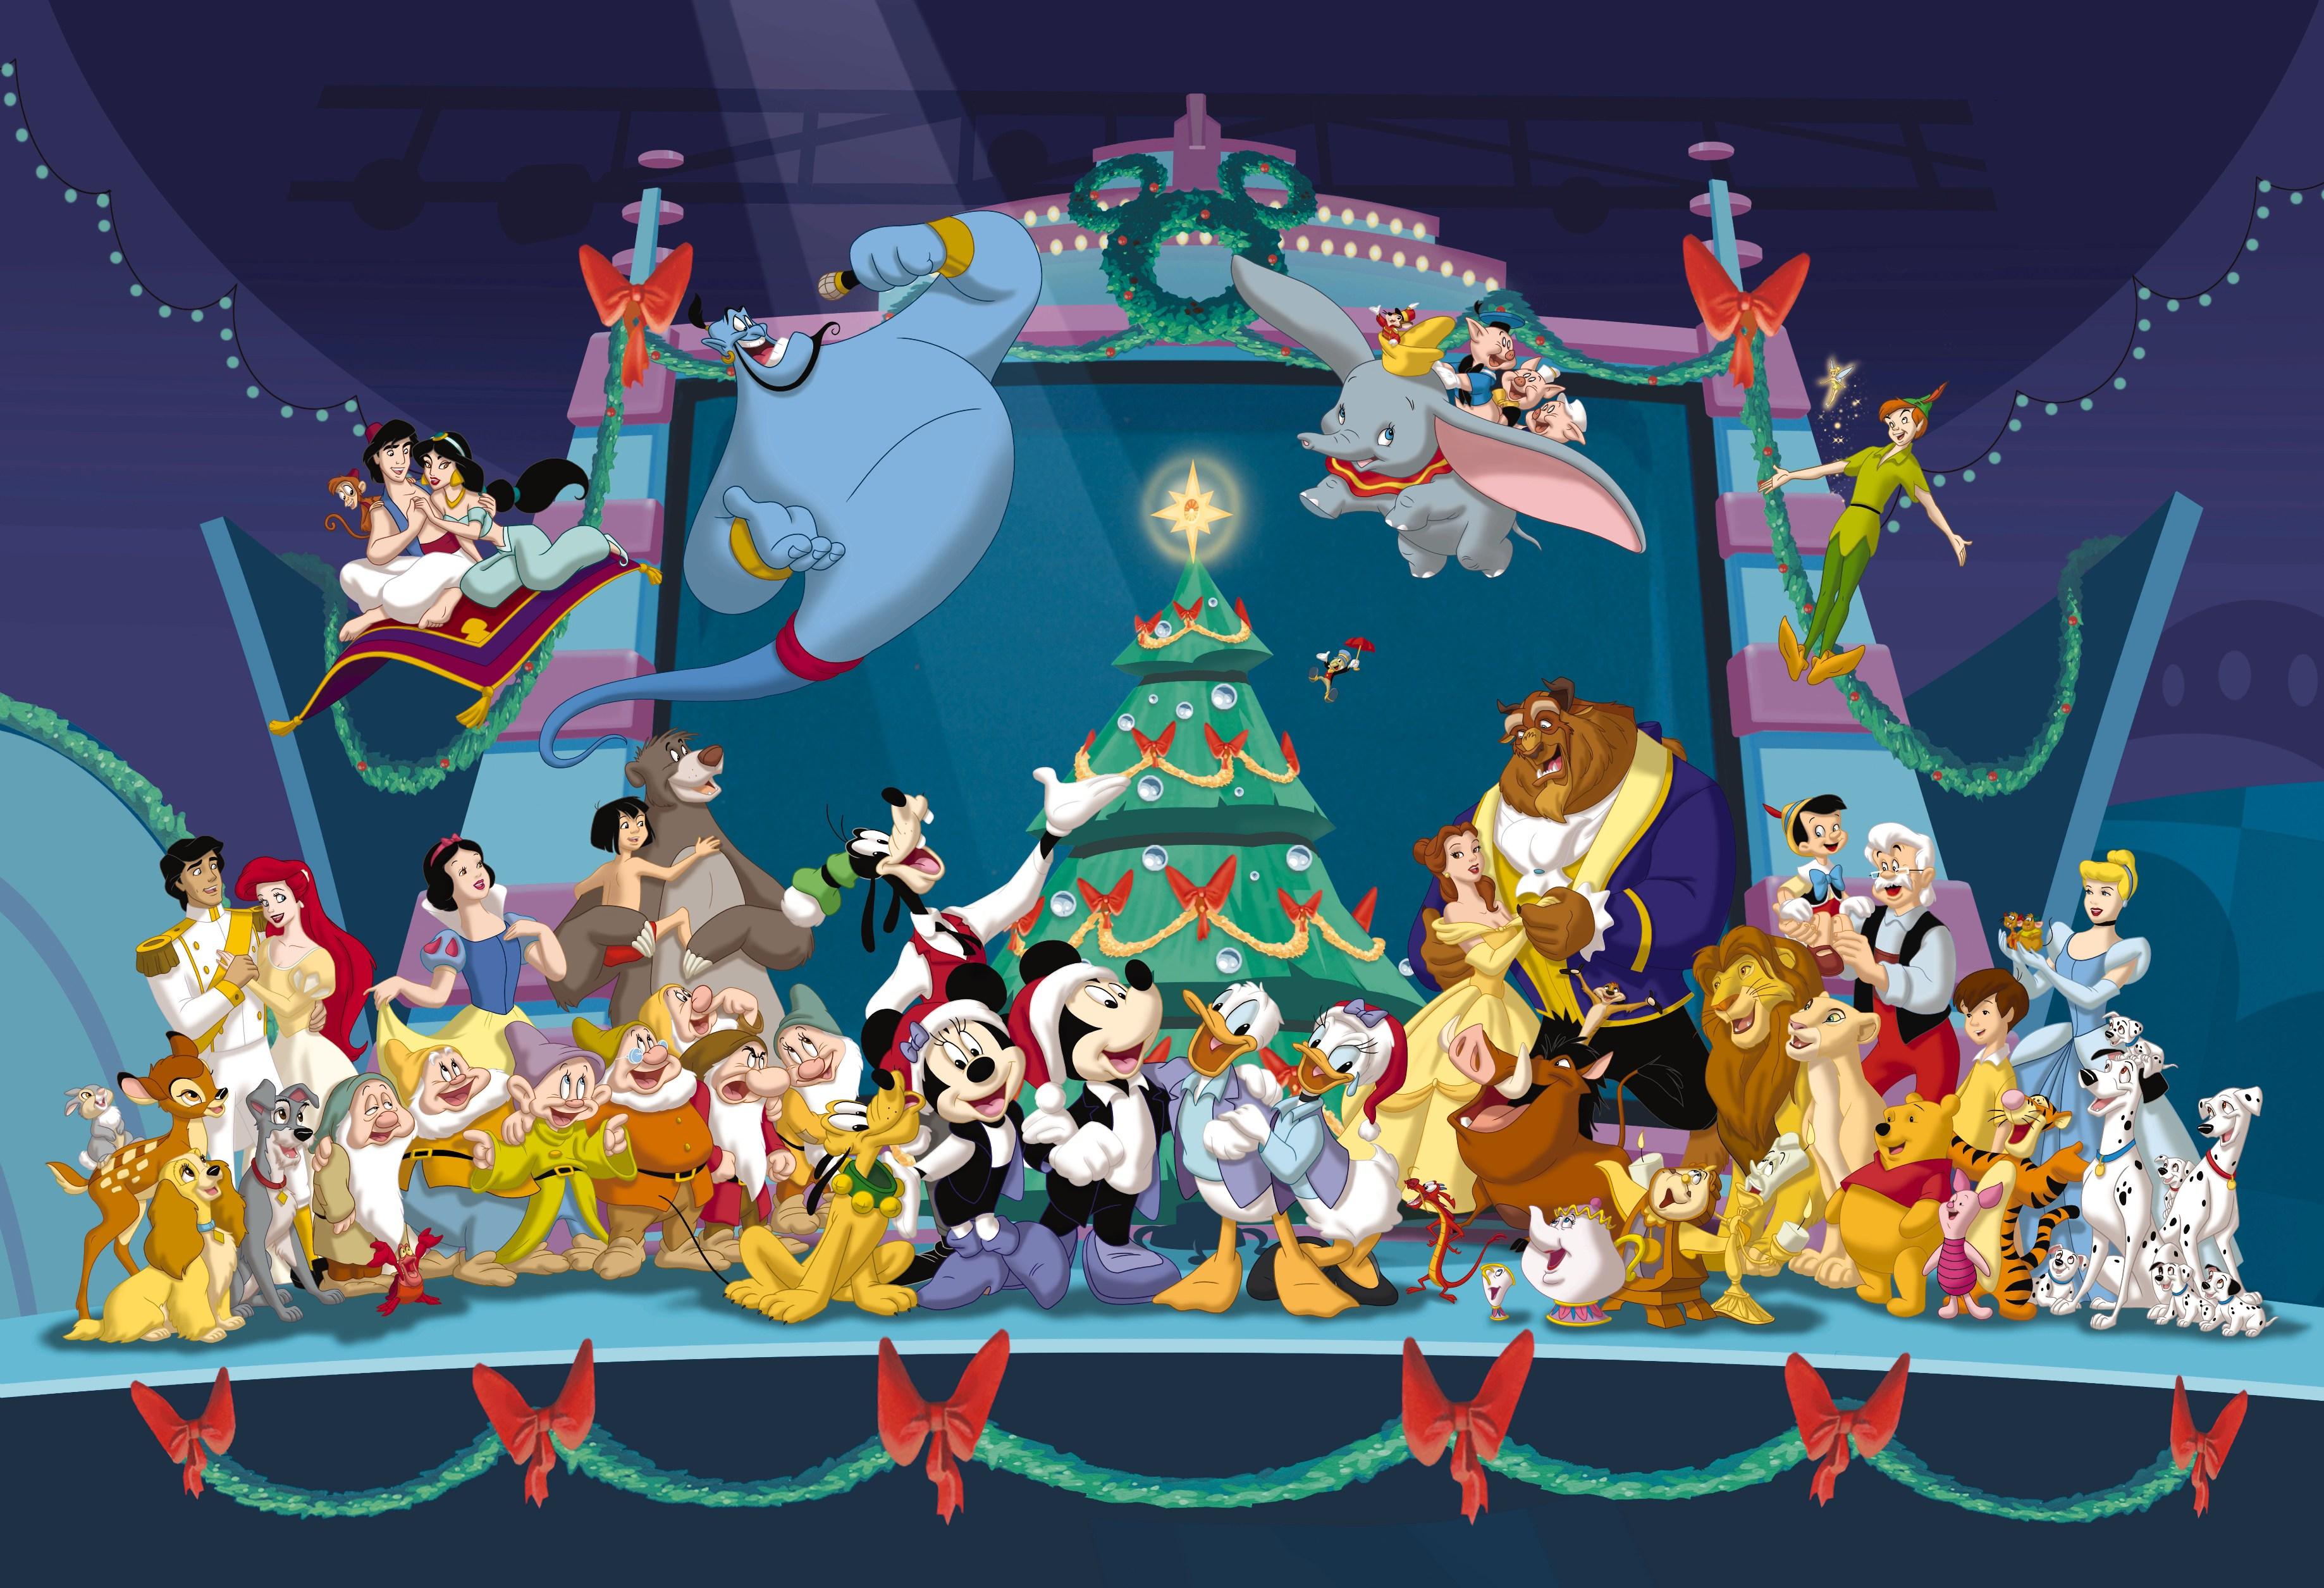 mickeys magical christmas 1024x699jpg - Mickey Magical Christmas